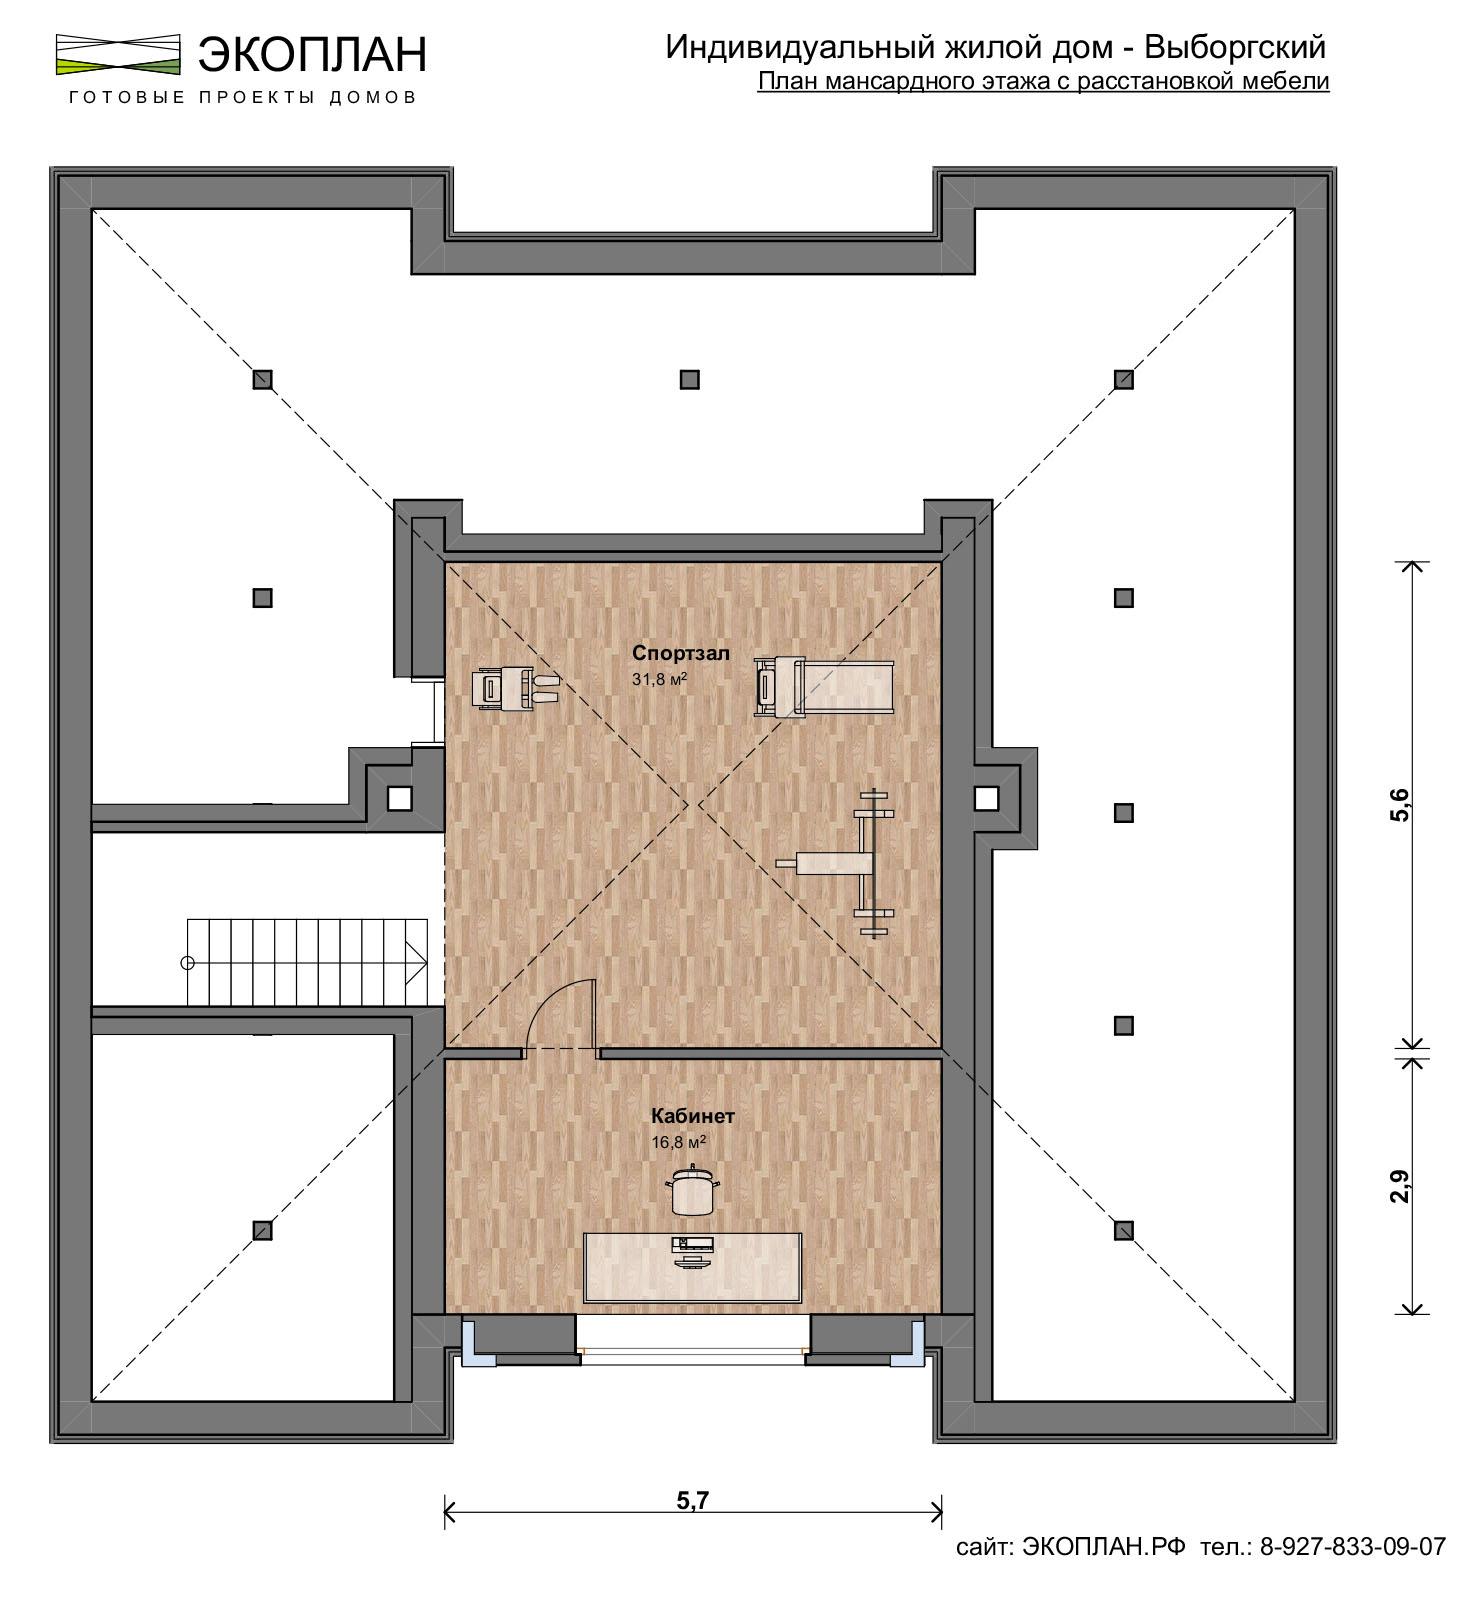 Готовый проект дома -Выборгский - Экоплан.рф план